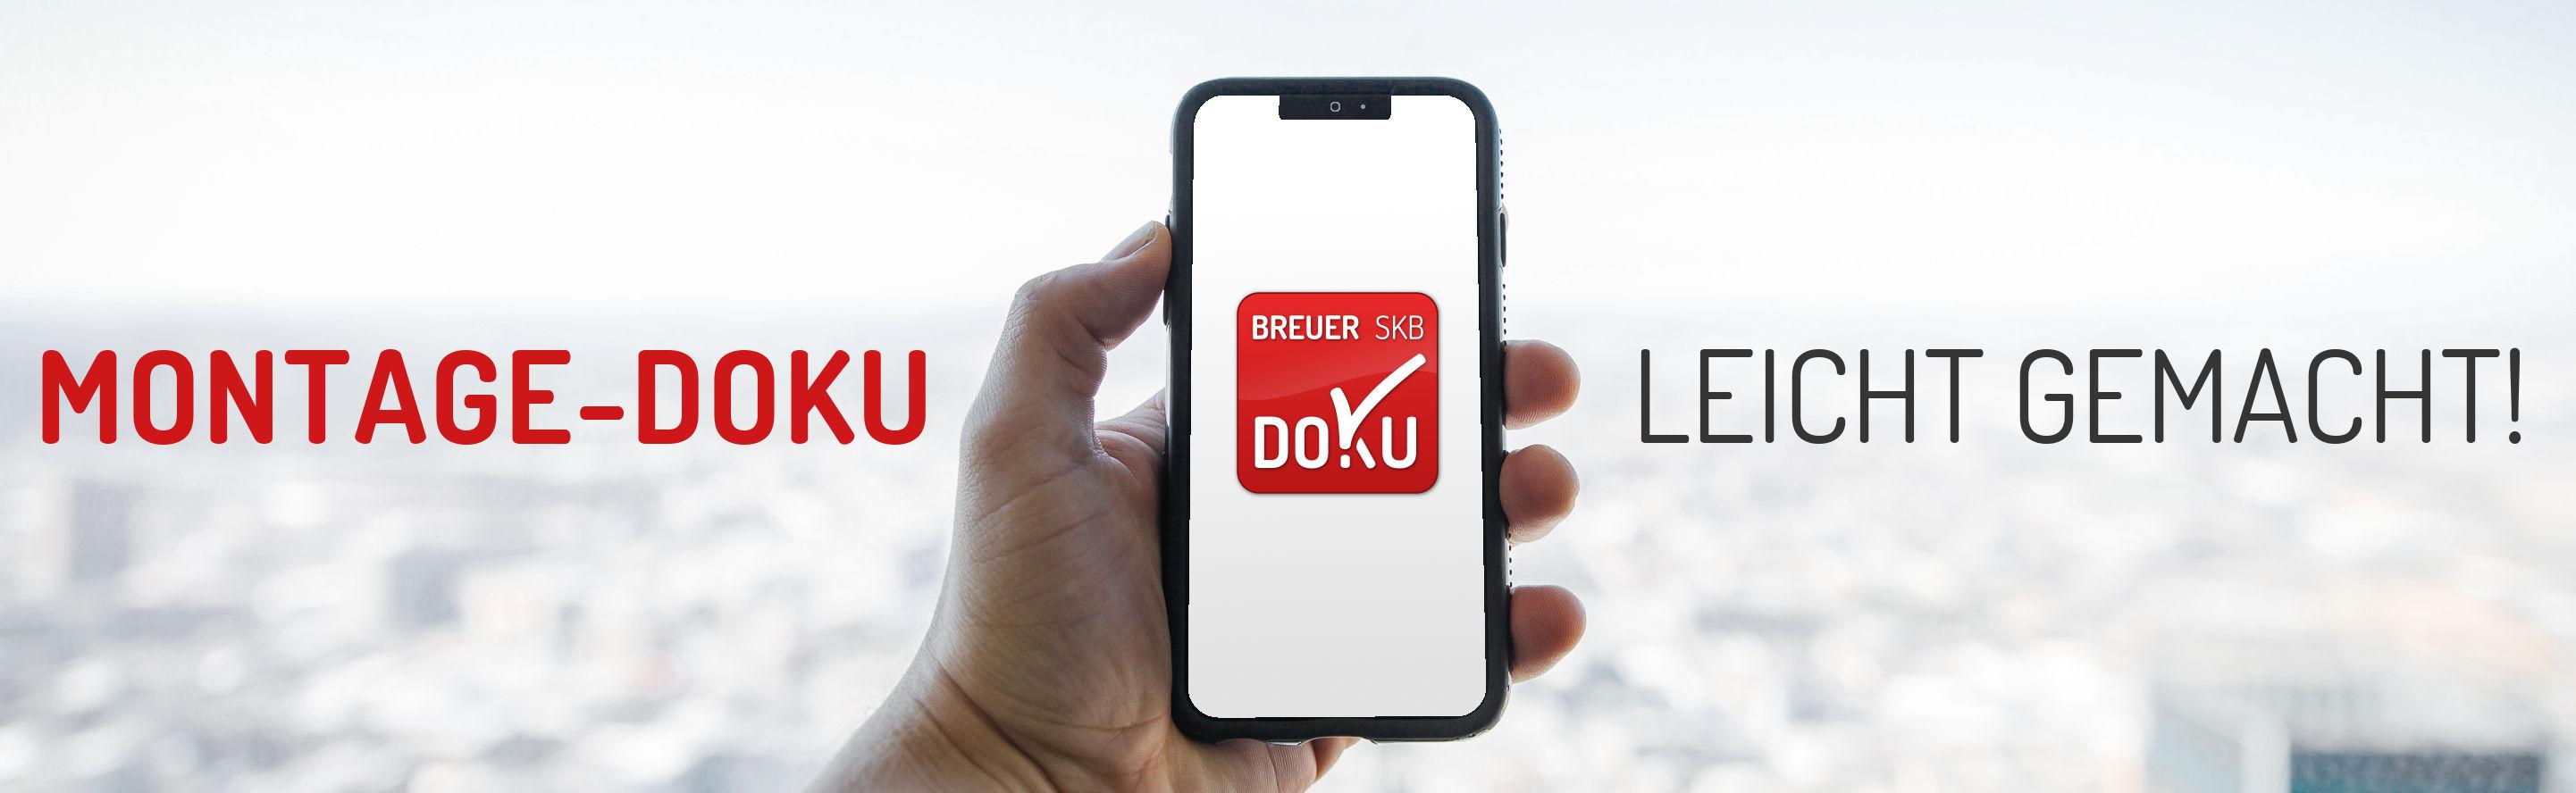 Montage-Doku leicht gemacht!